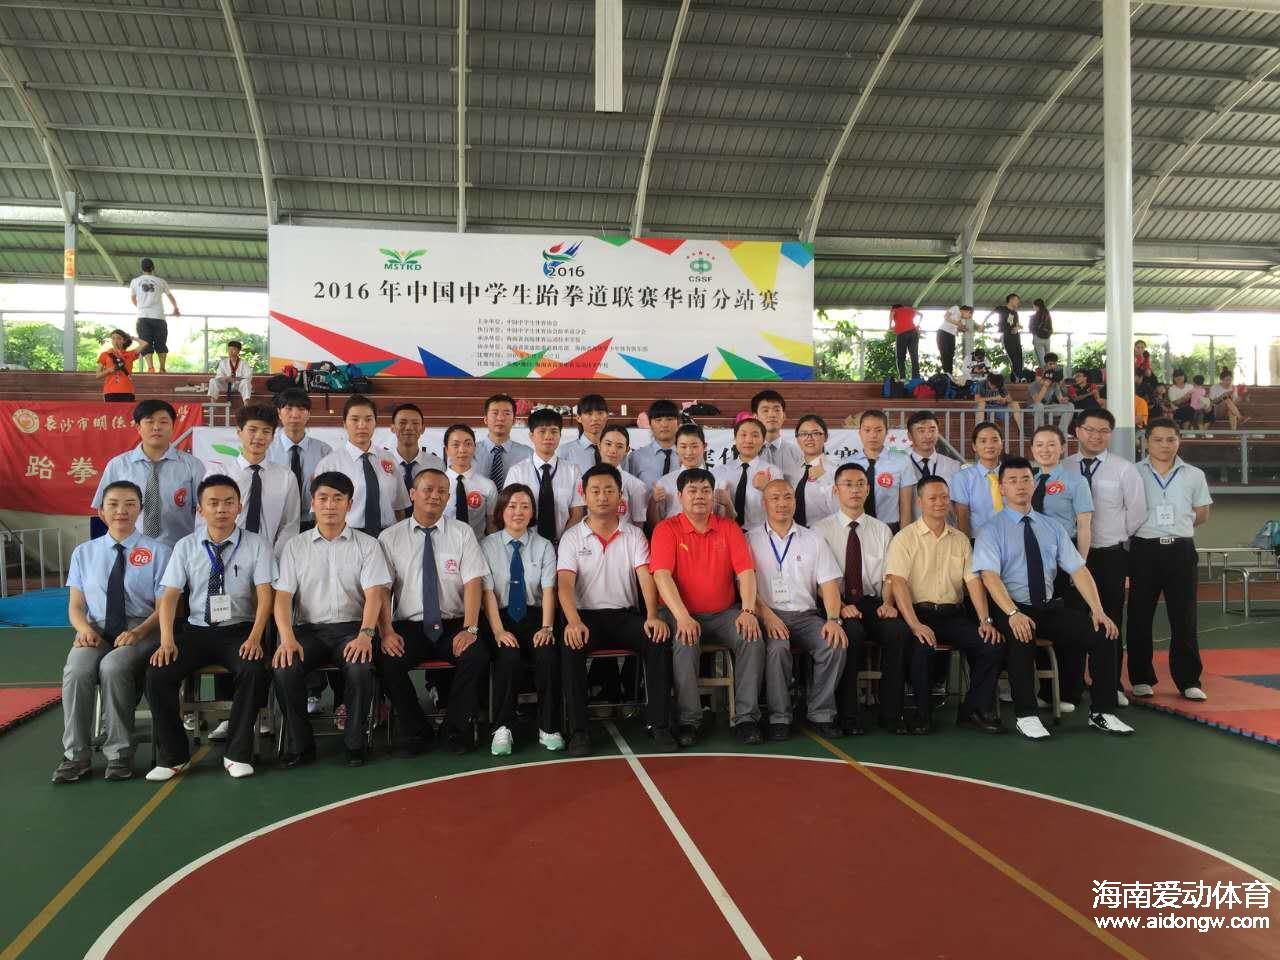 中国中学生跆拳道联赛华南分站赛落幕  海南代表队斩获4项冠军